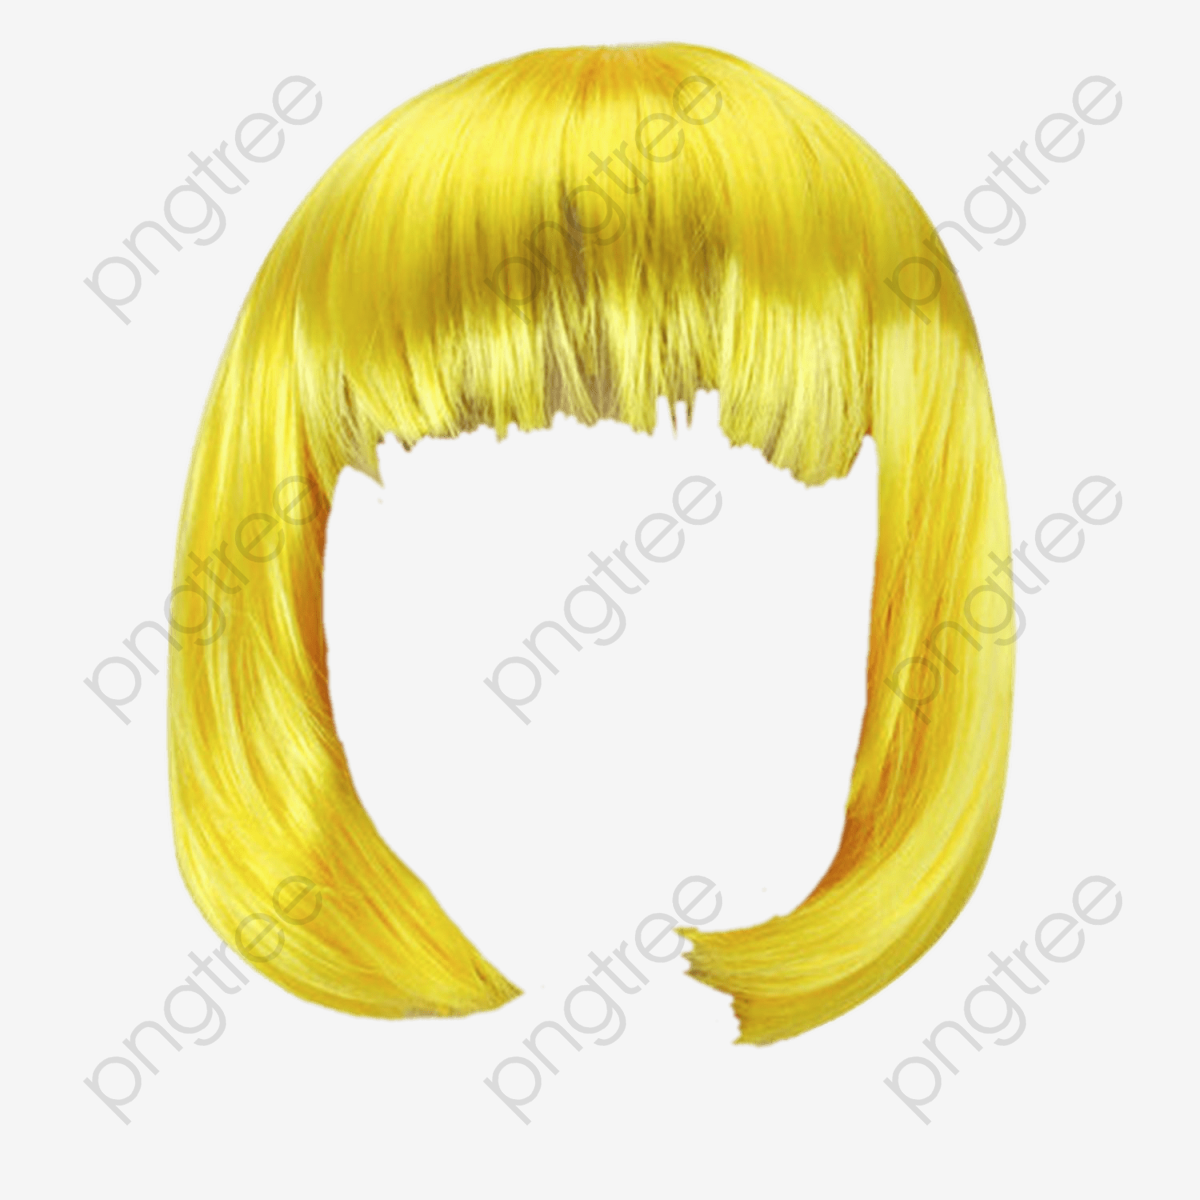 Blonde Wig, Golden, Short Hair, Wig PNG Transparent Image and.